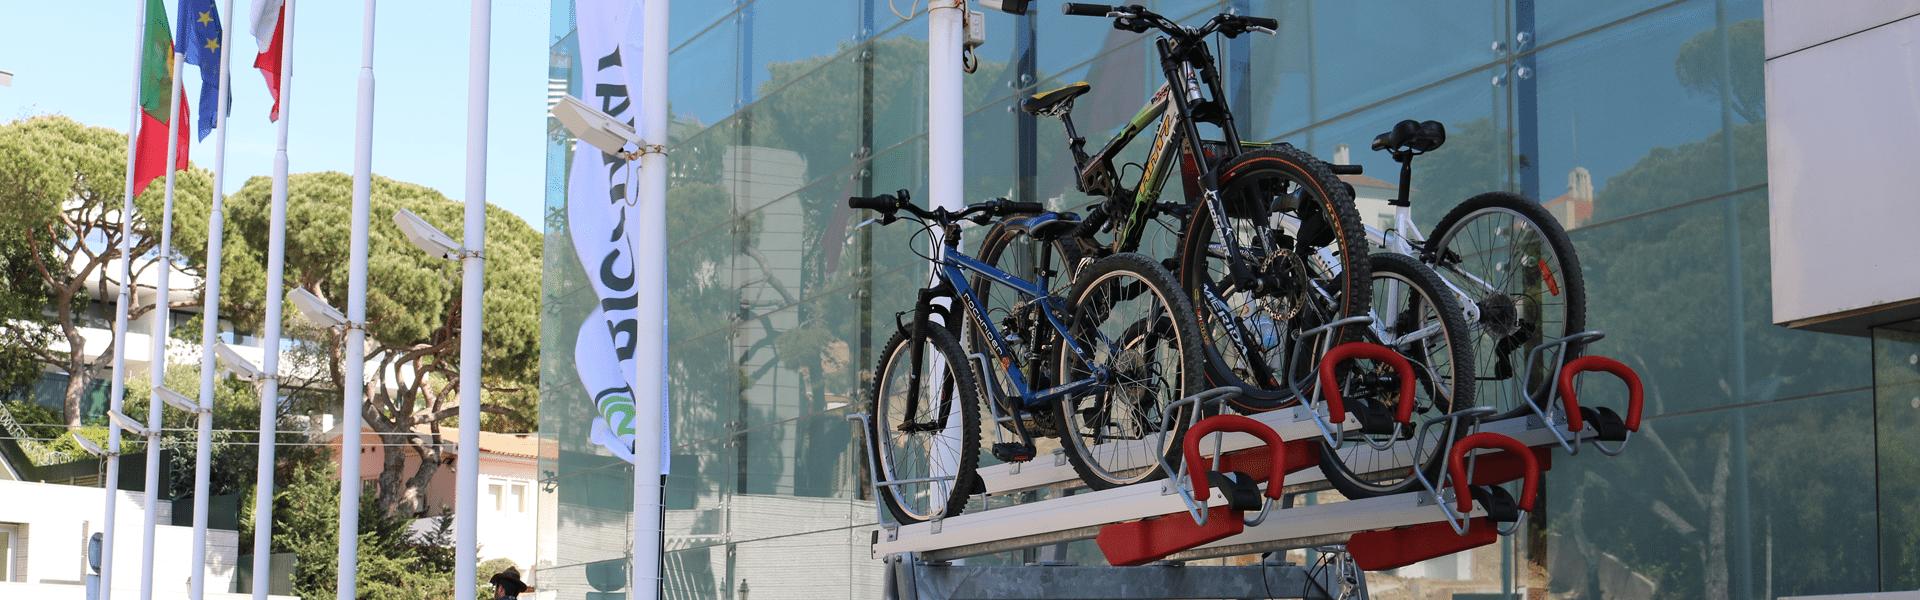 Soluções Inovadoras para Bicicletas